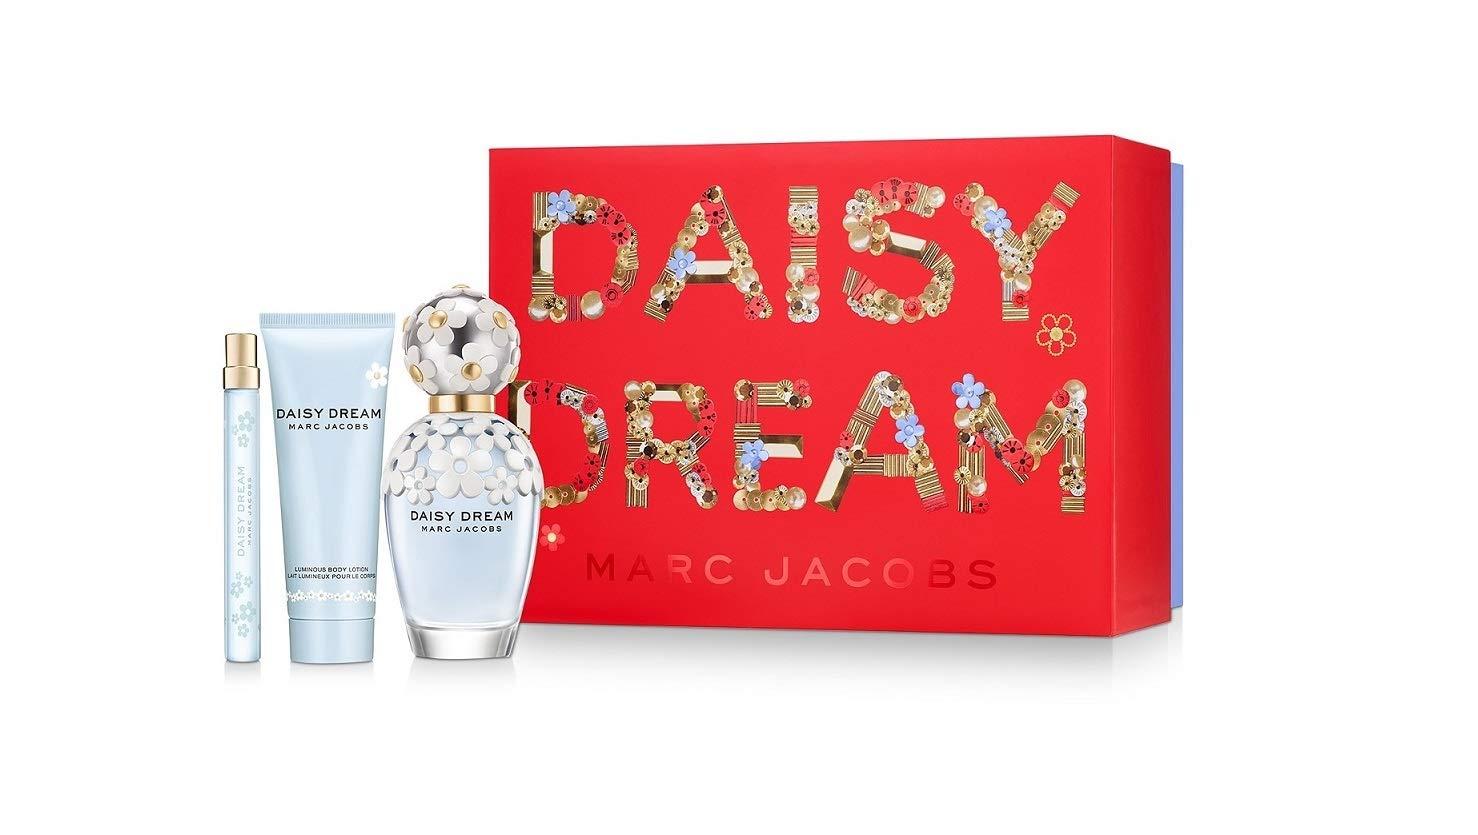 Marc Jacobs Daisy Dream 3 Pieces Set 3.4 oz Edt Spray & 2.5 oz Body Lotion & 0.33 oz Edt Spray Women